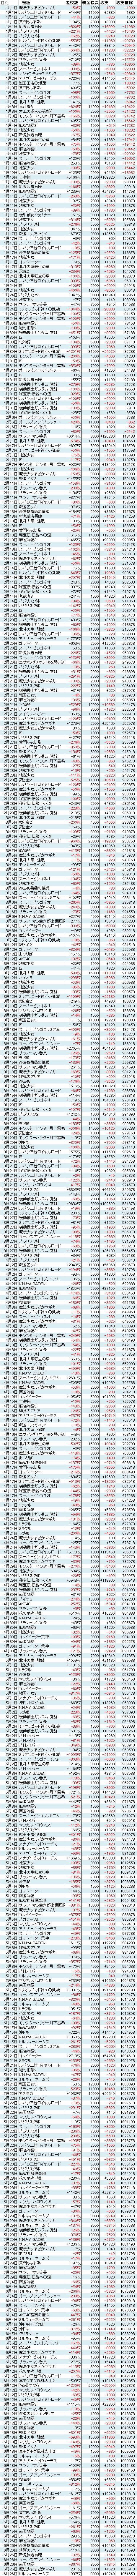 2016年収支1-6